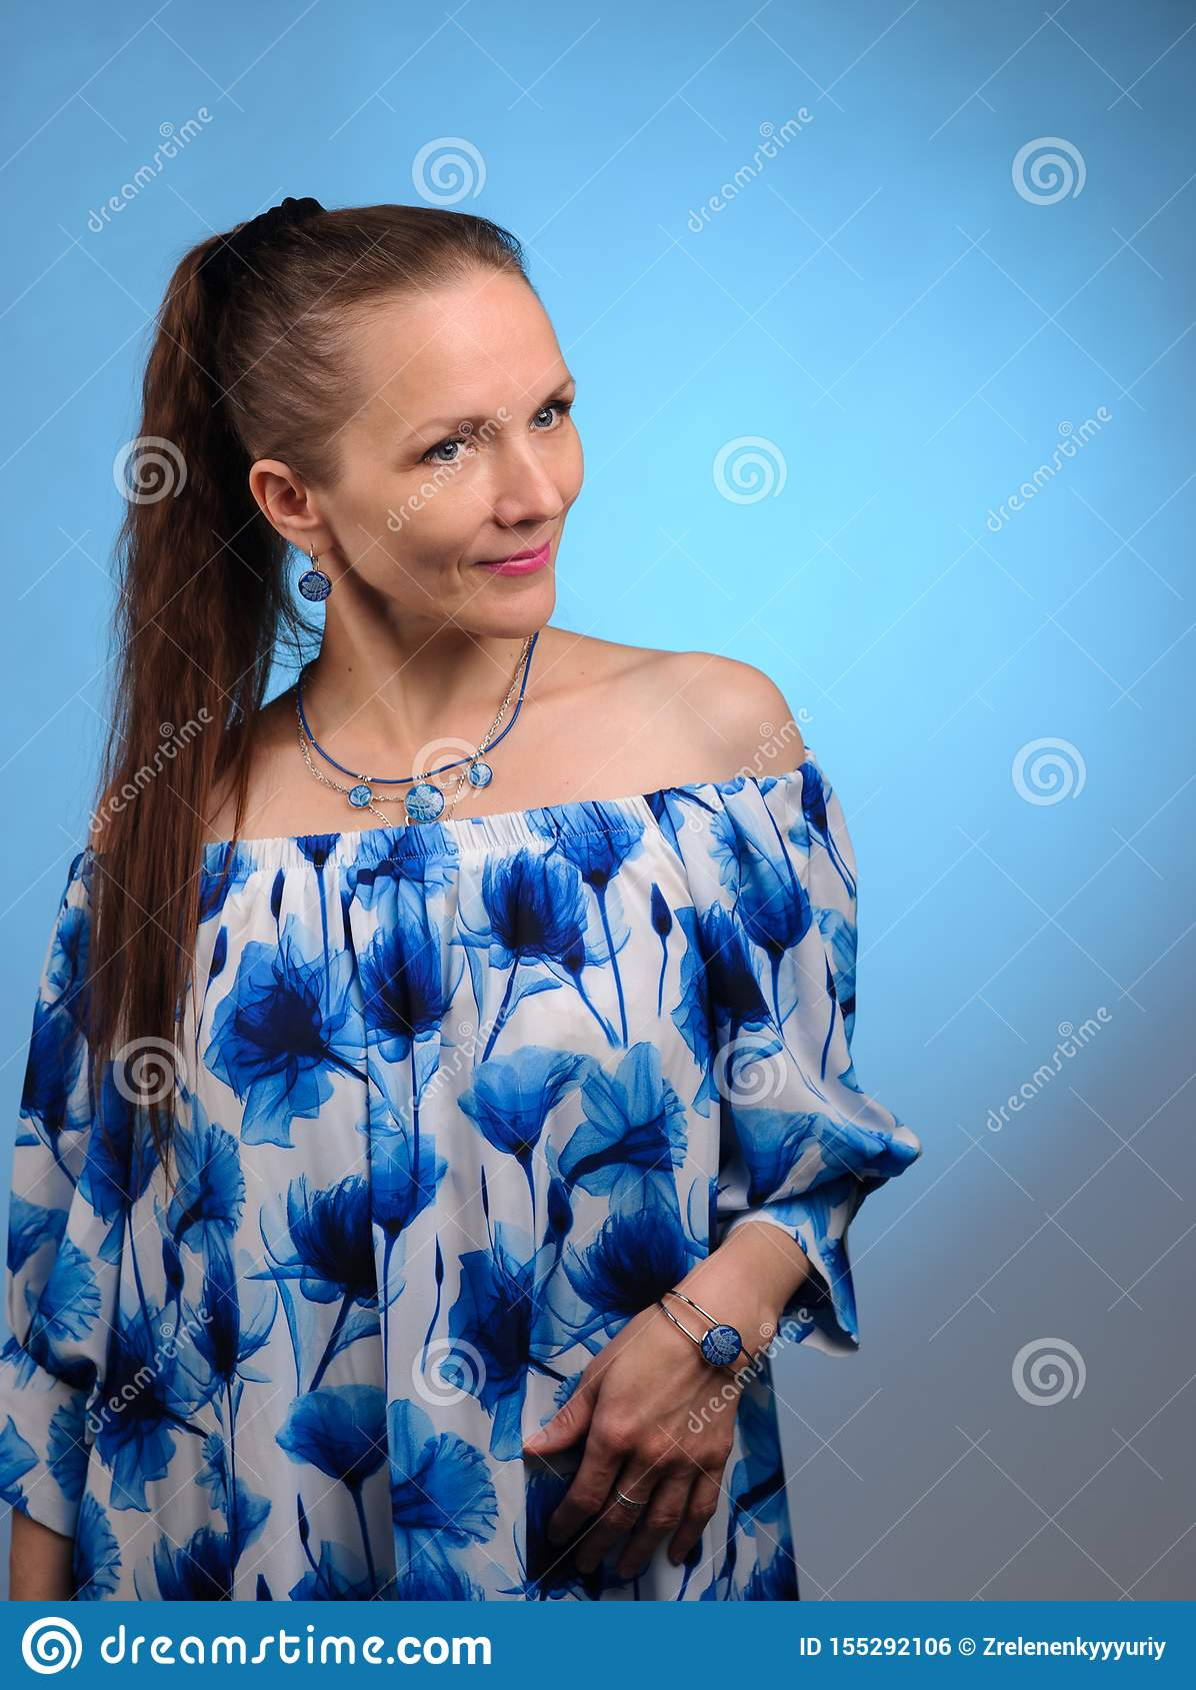 Retrato de la mujer bonita en vestido azul sobre fondo azul